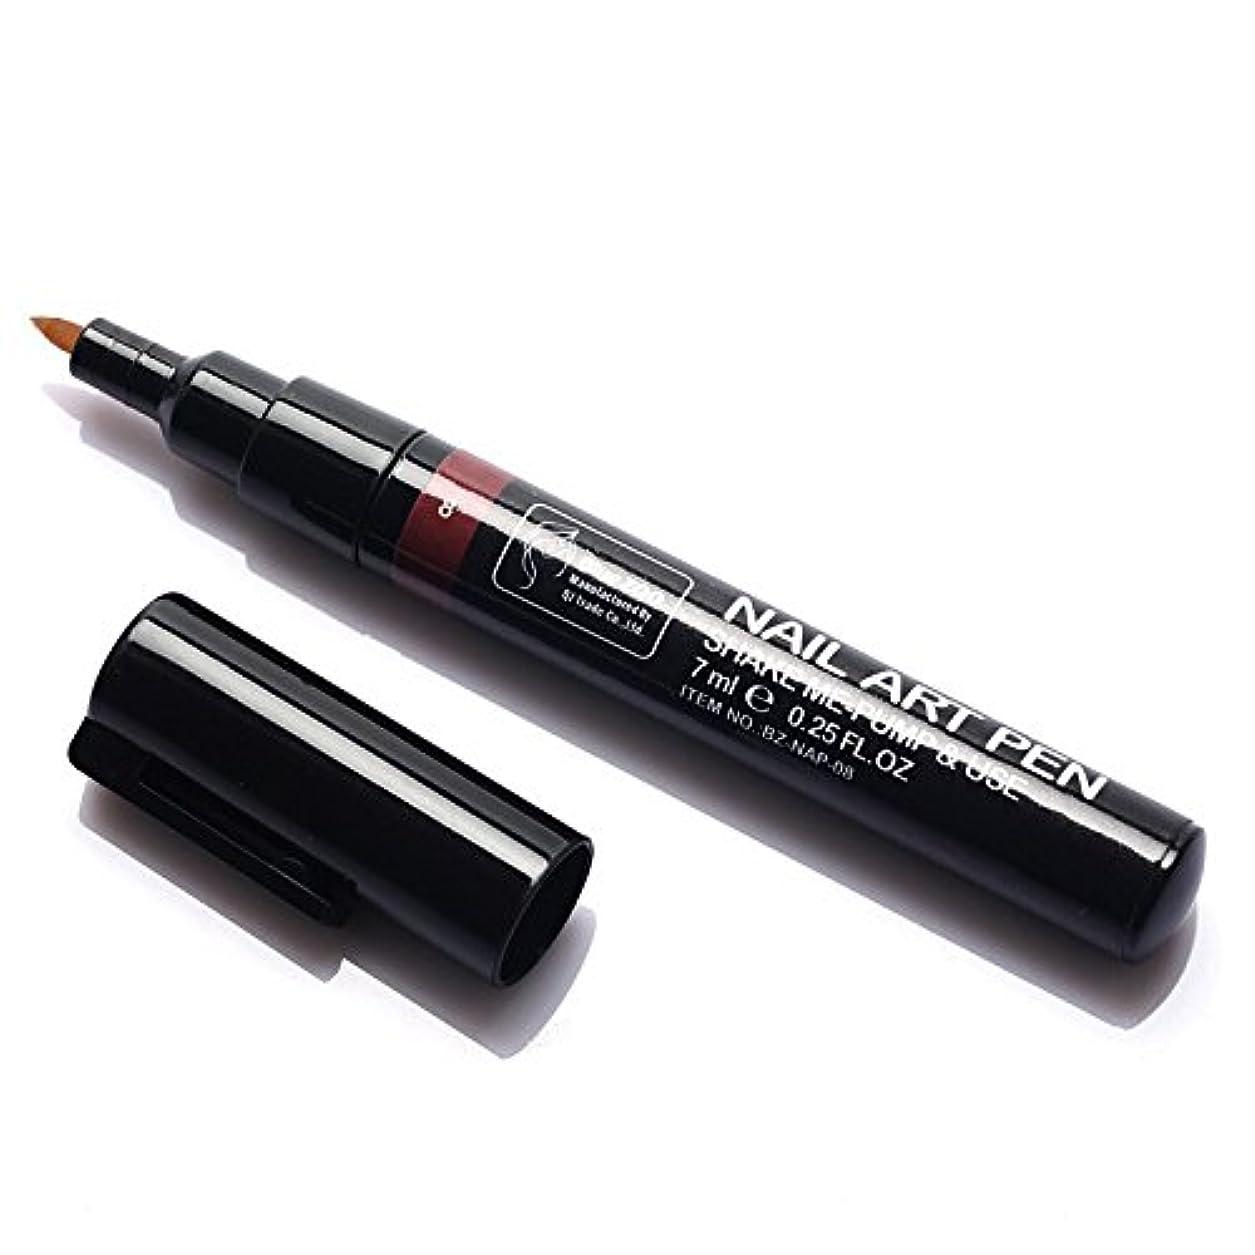 用語集結果信じられない(メイクアップエーシーシー) MakeupAcc カラーネイルアートペン 3Dネイルペン ネイルアートペン ネイルマニキュア液 ペイントペン ペイント 両用 DIY 16色 (コーヒー色) [並行輸入品]